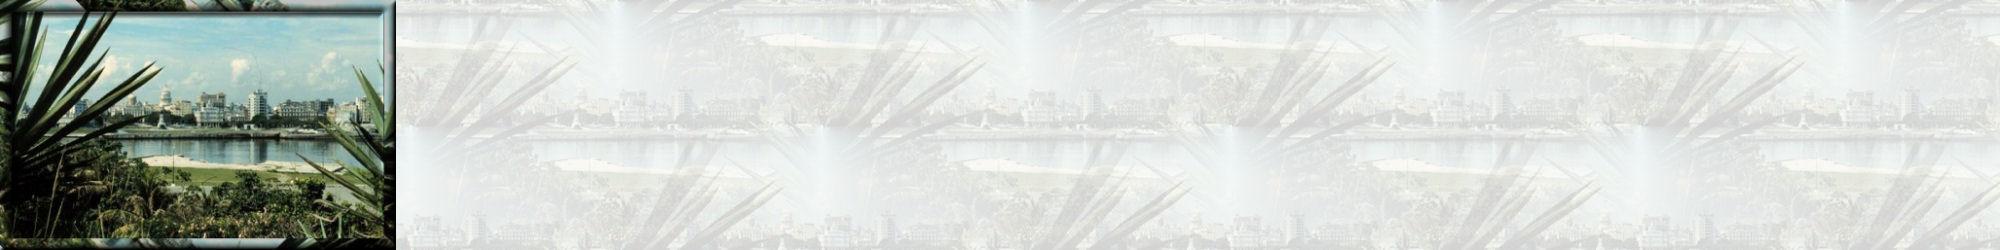 Fondo IM ciudades_cuba_001.imf